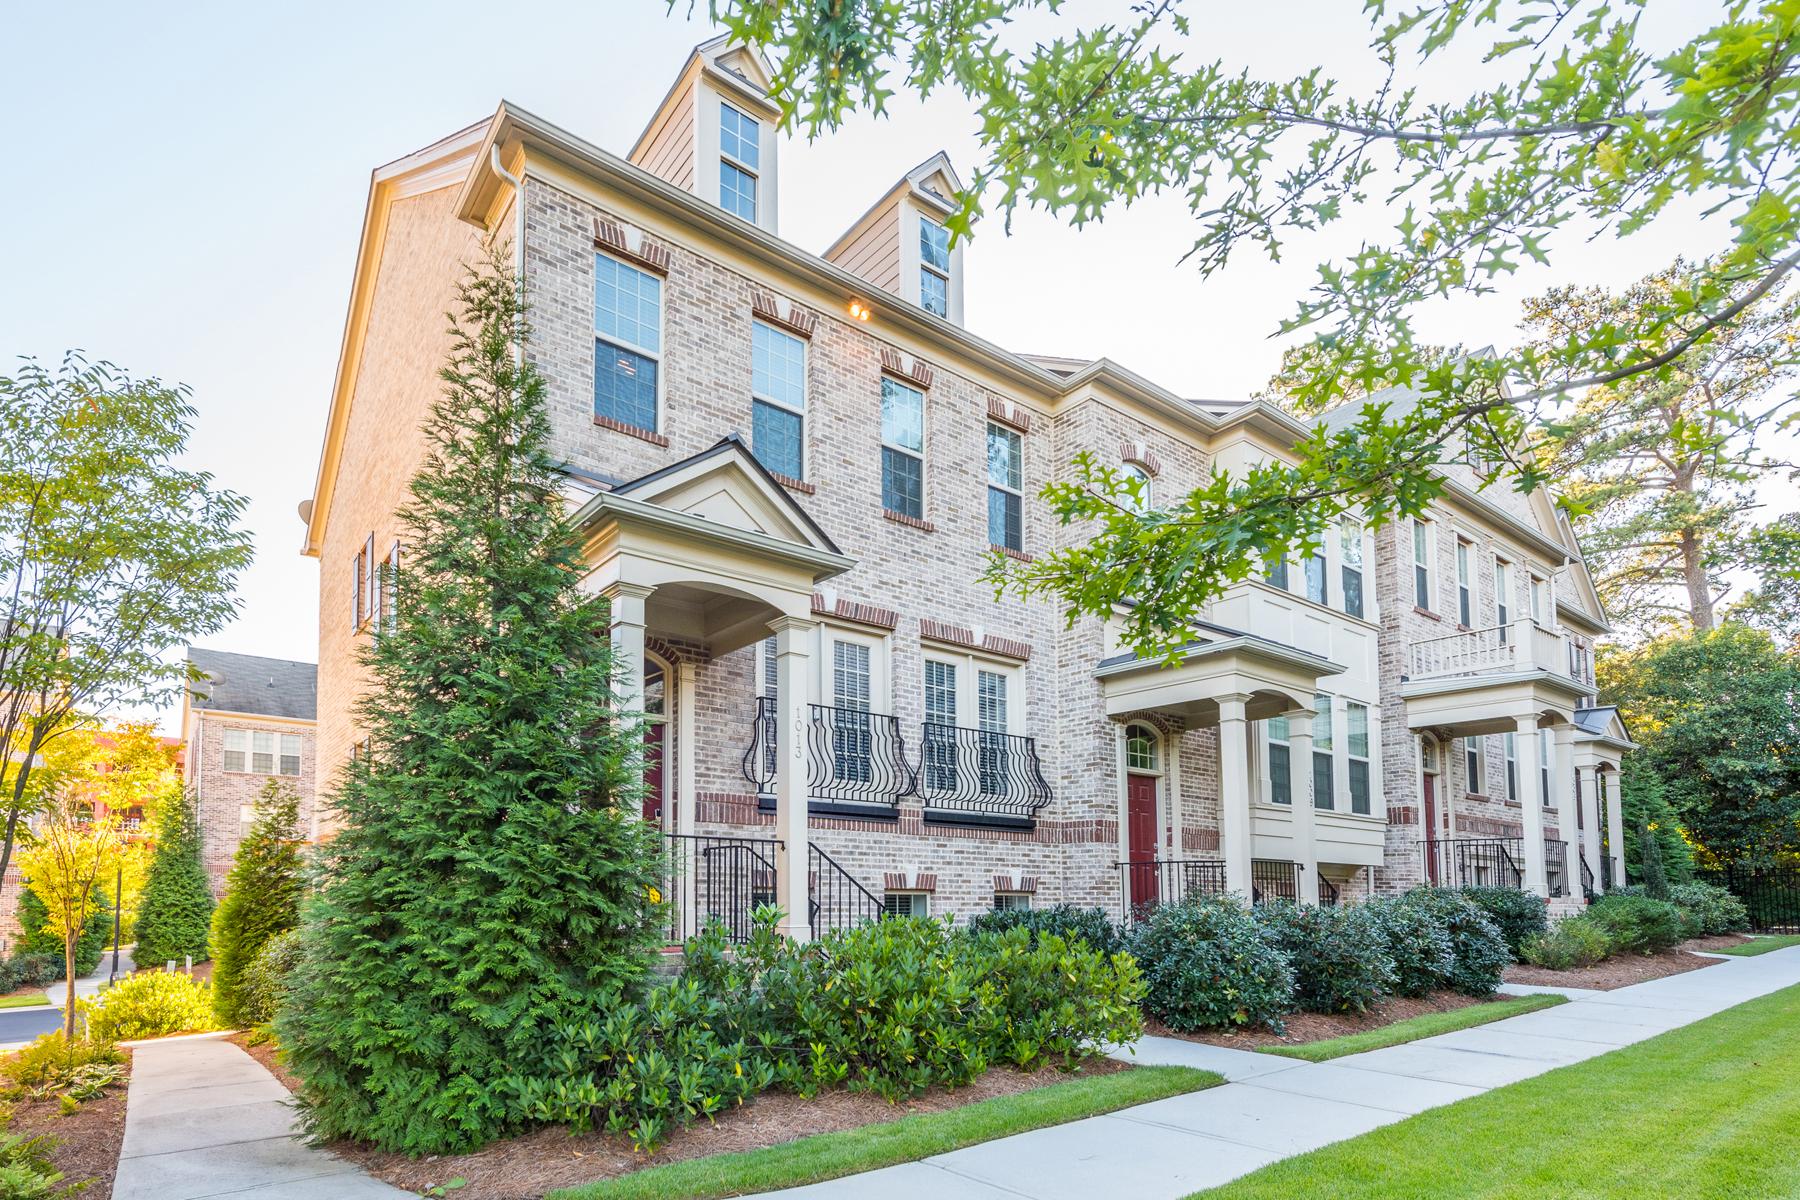 タウンハウス のために 売買 アット Luxury Townhome In The Heart Of Buckhead 1013 East Paces Lane NE Atlanta, ジョージア, 30326 アメリカ合衆国